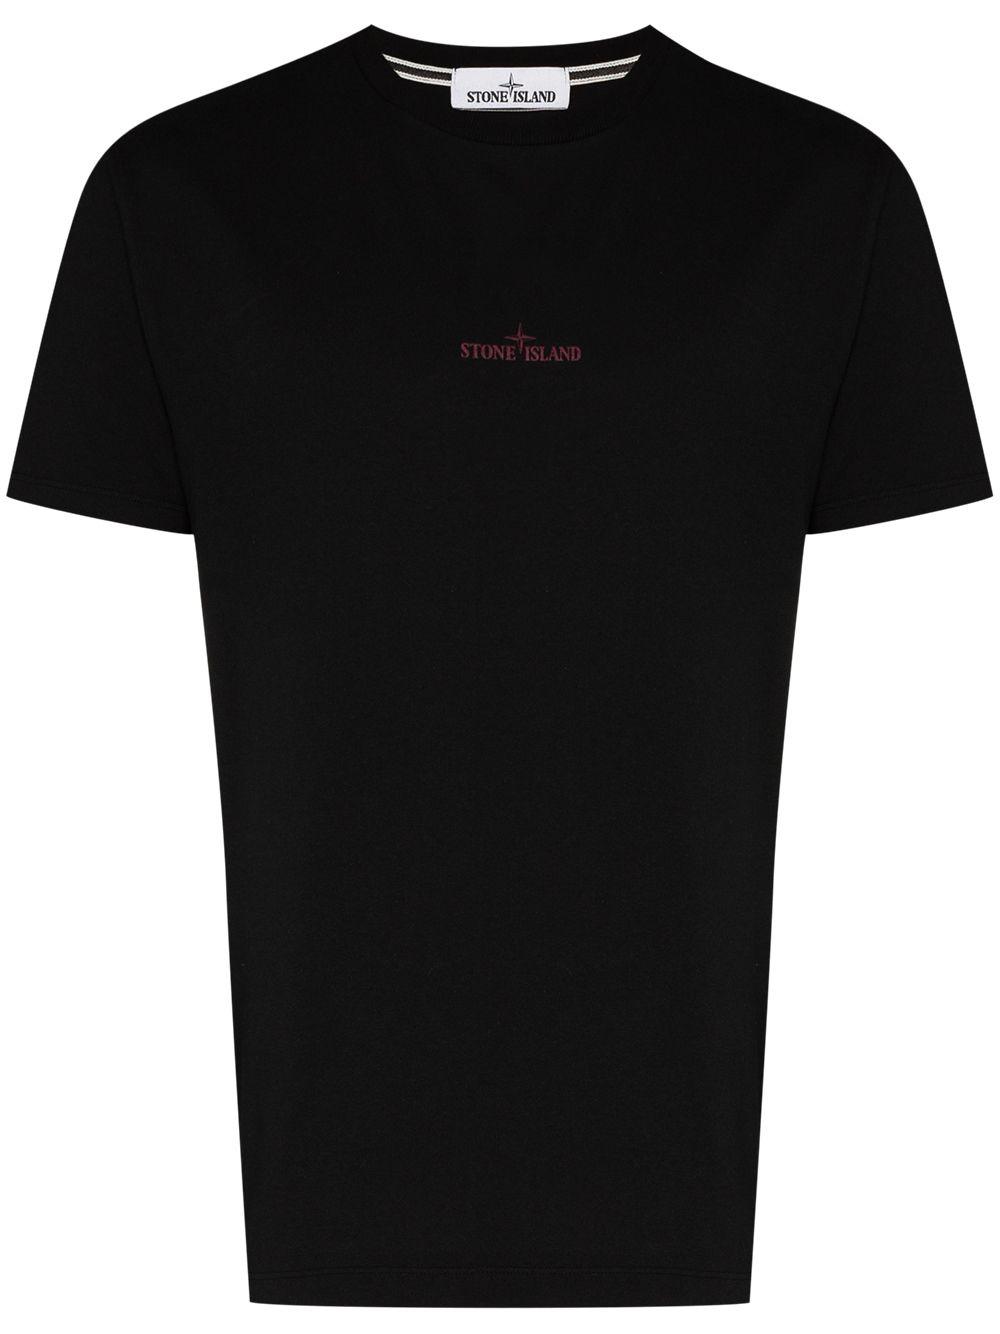 Stone Island t-shirt nera